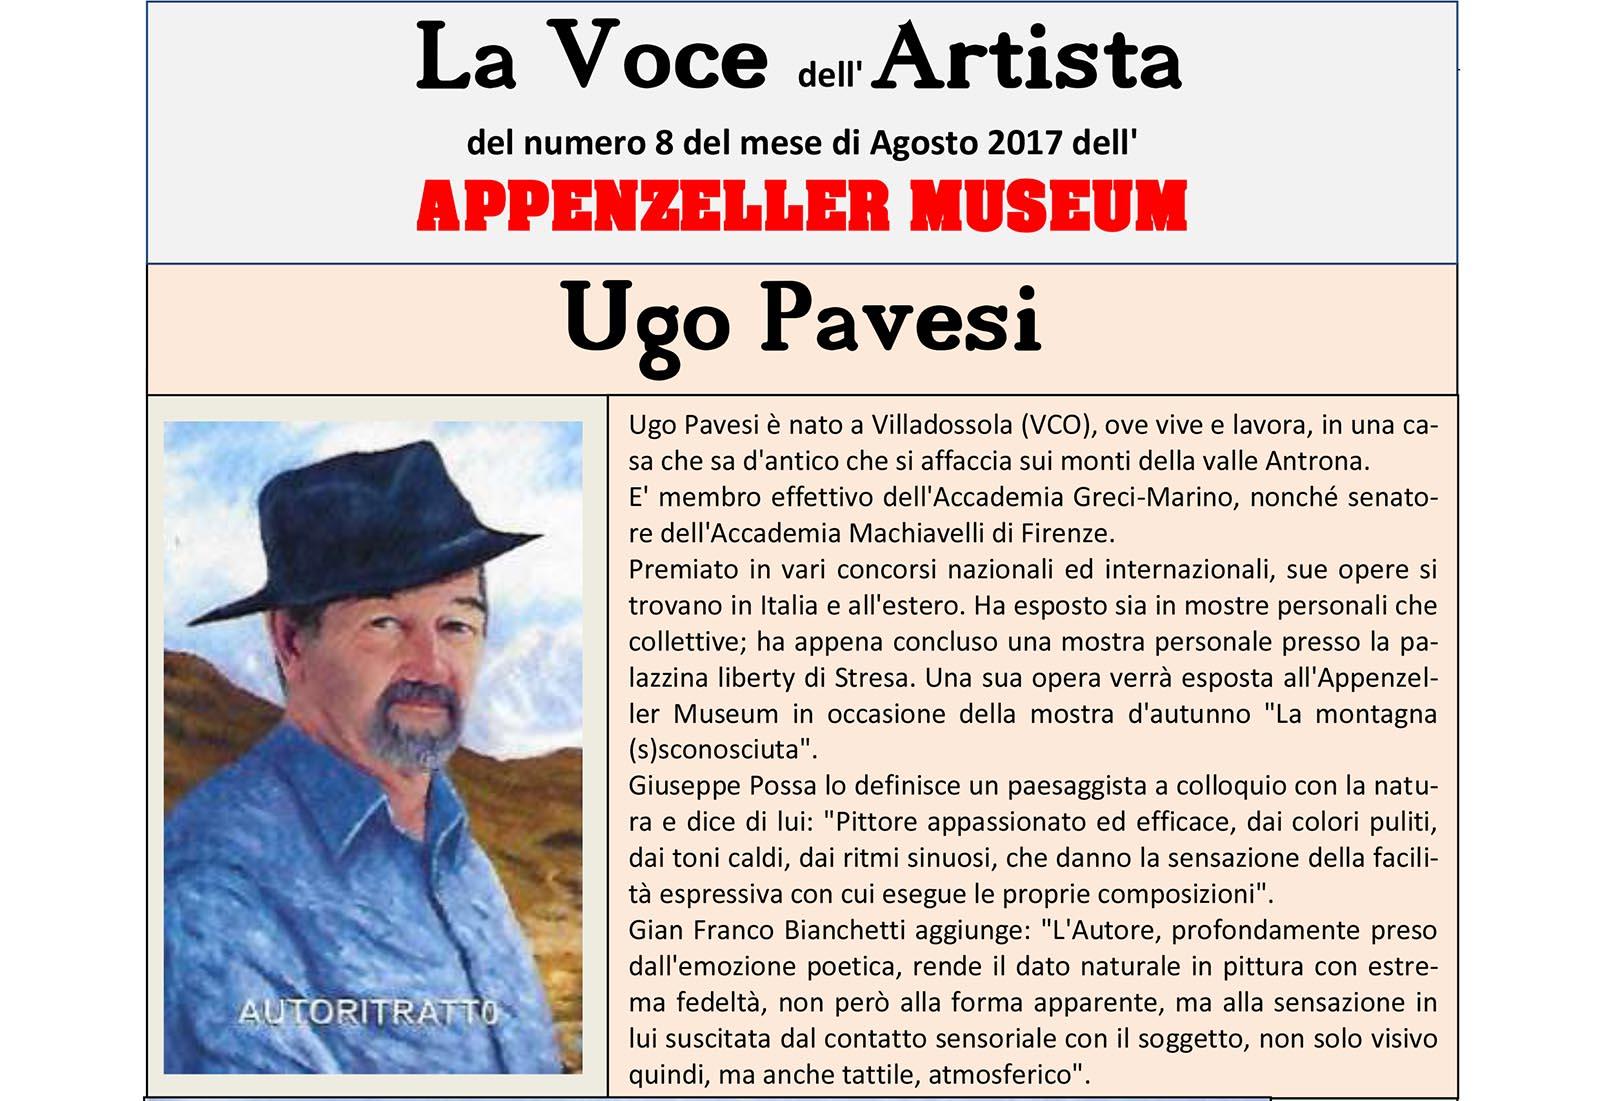 Ugo Pavesi, La Voce dell'Artista – Agosto 2017, n.08, La Voce dell'Appenzeller Museum